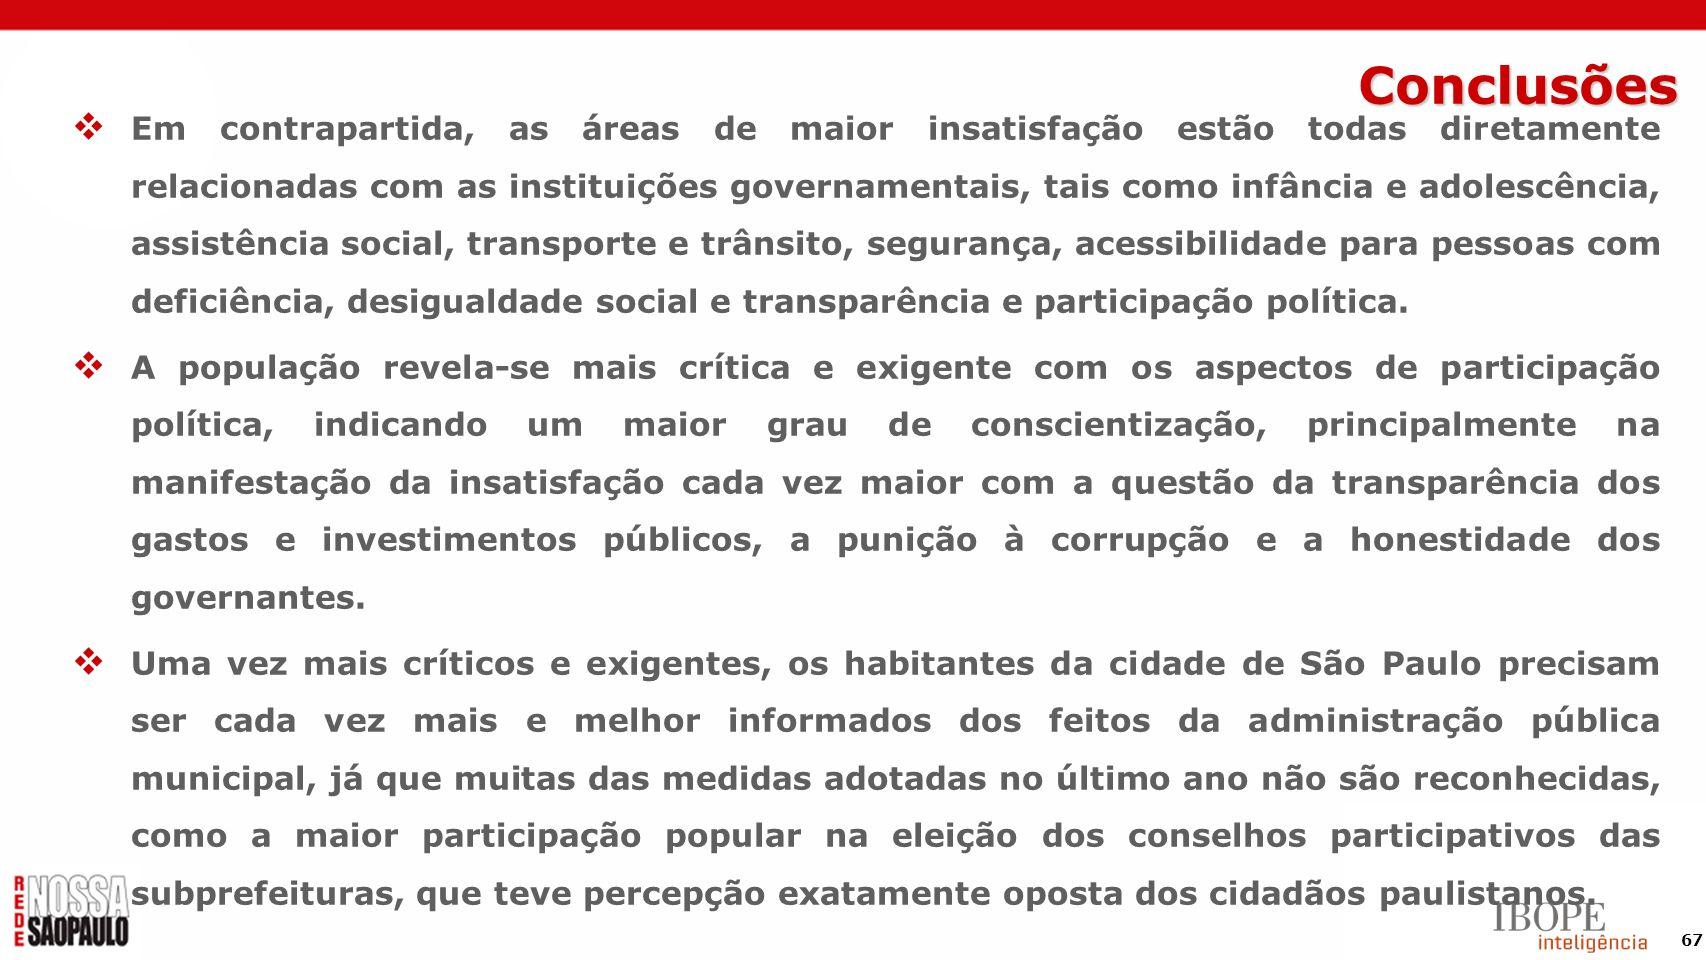 67 Conclusões Em contrapartida, as áreas de maior insatisfação estão todas diretamente relacionadas com as instituições governamentais, tais como infâ